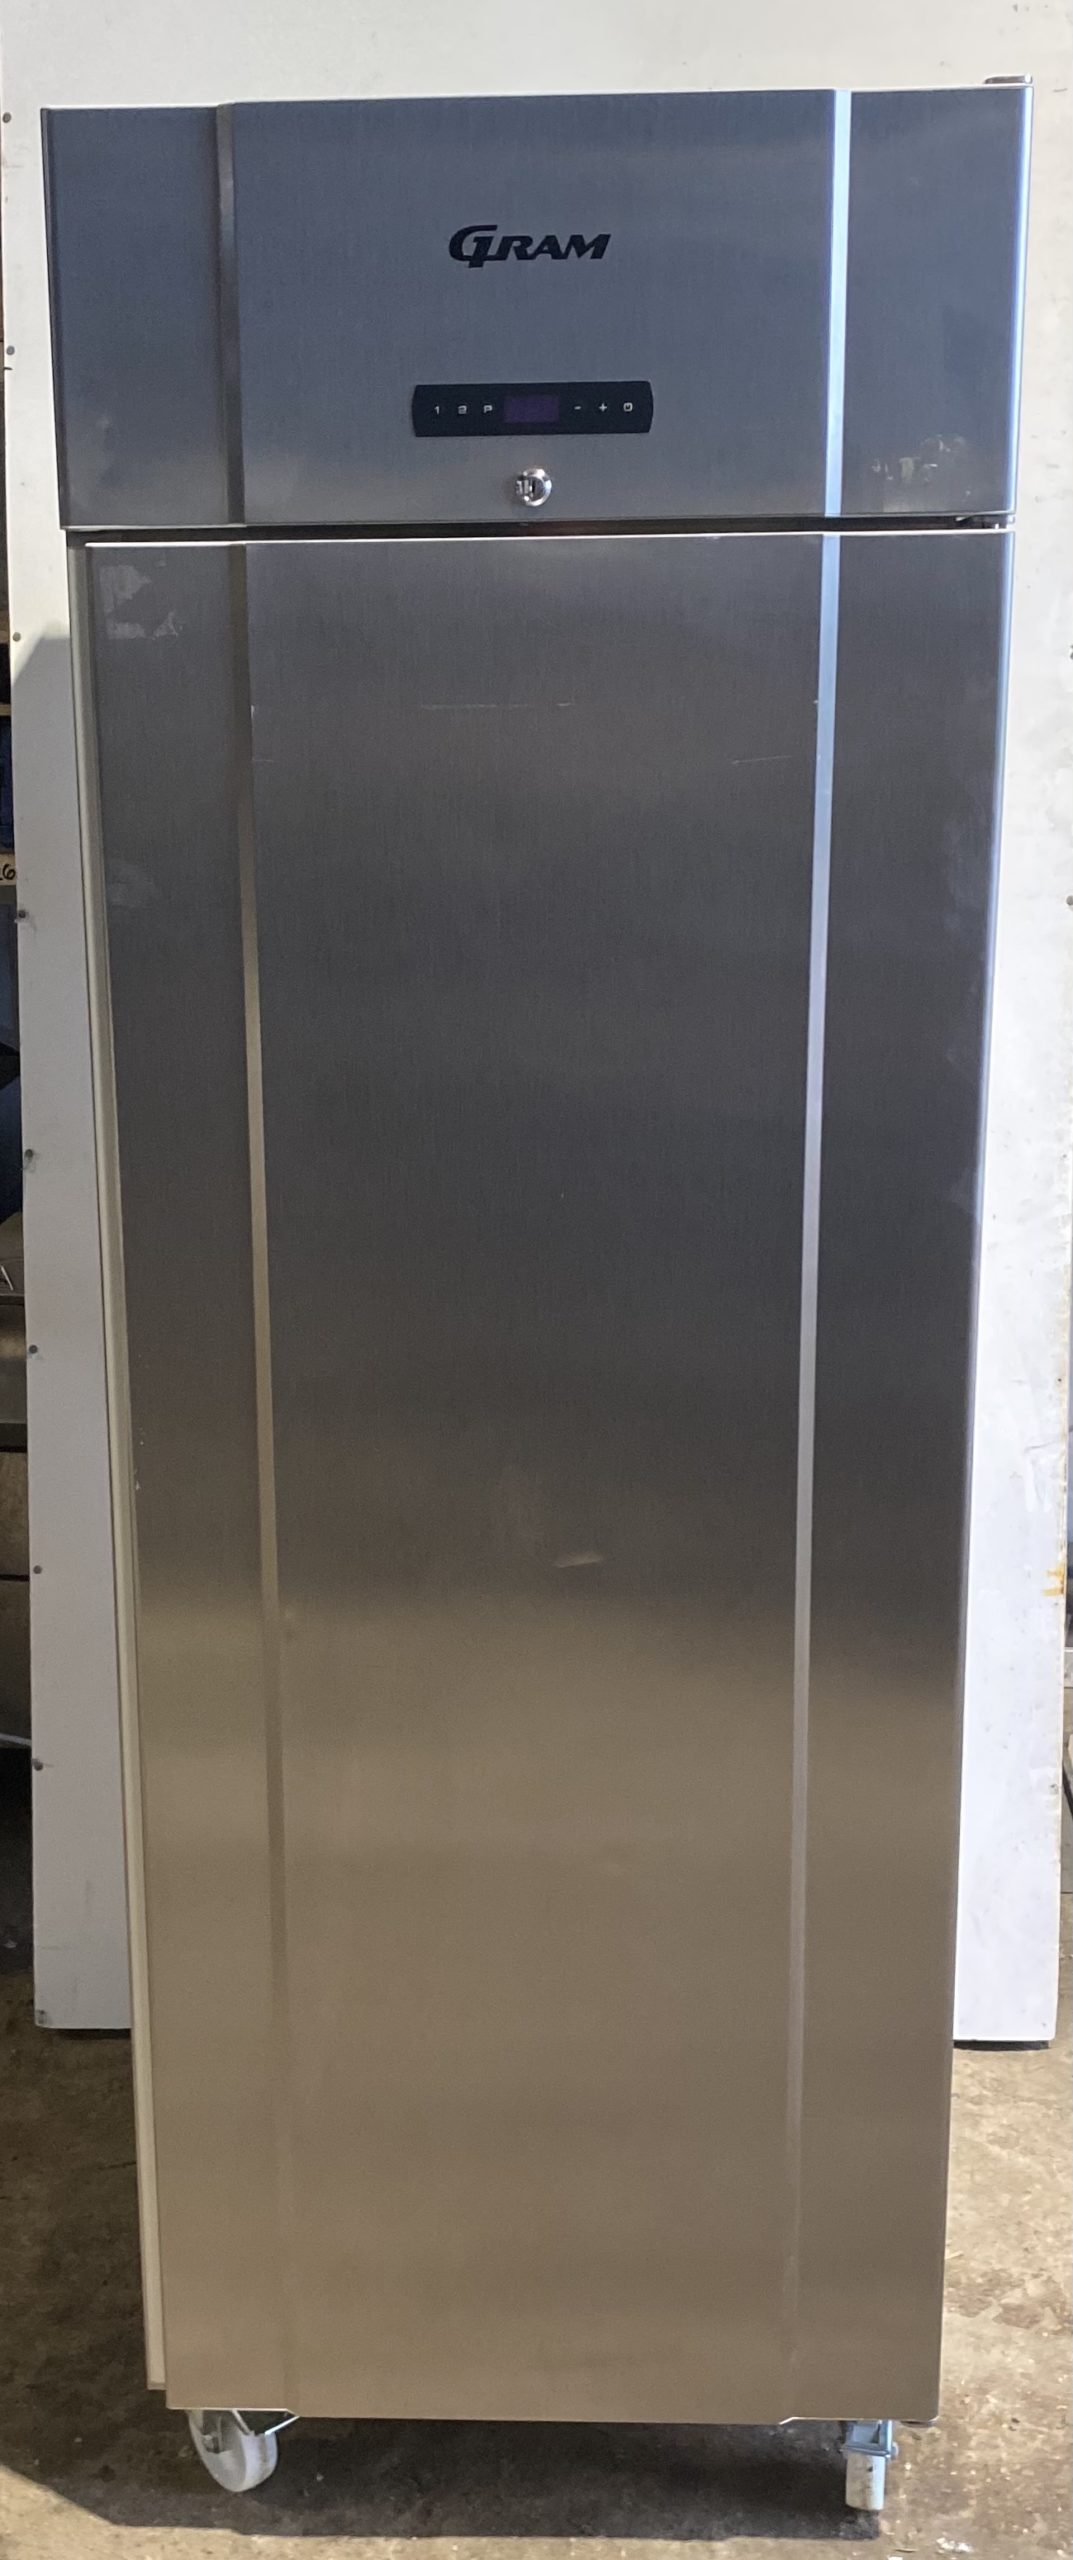 GRAM Single Door 600 Litre Upright Fridge